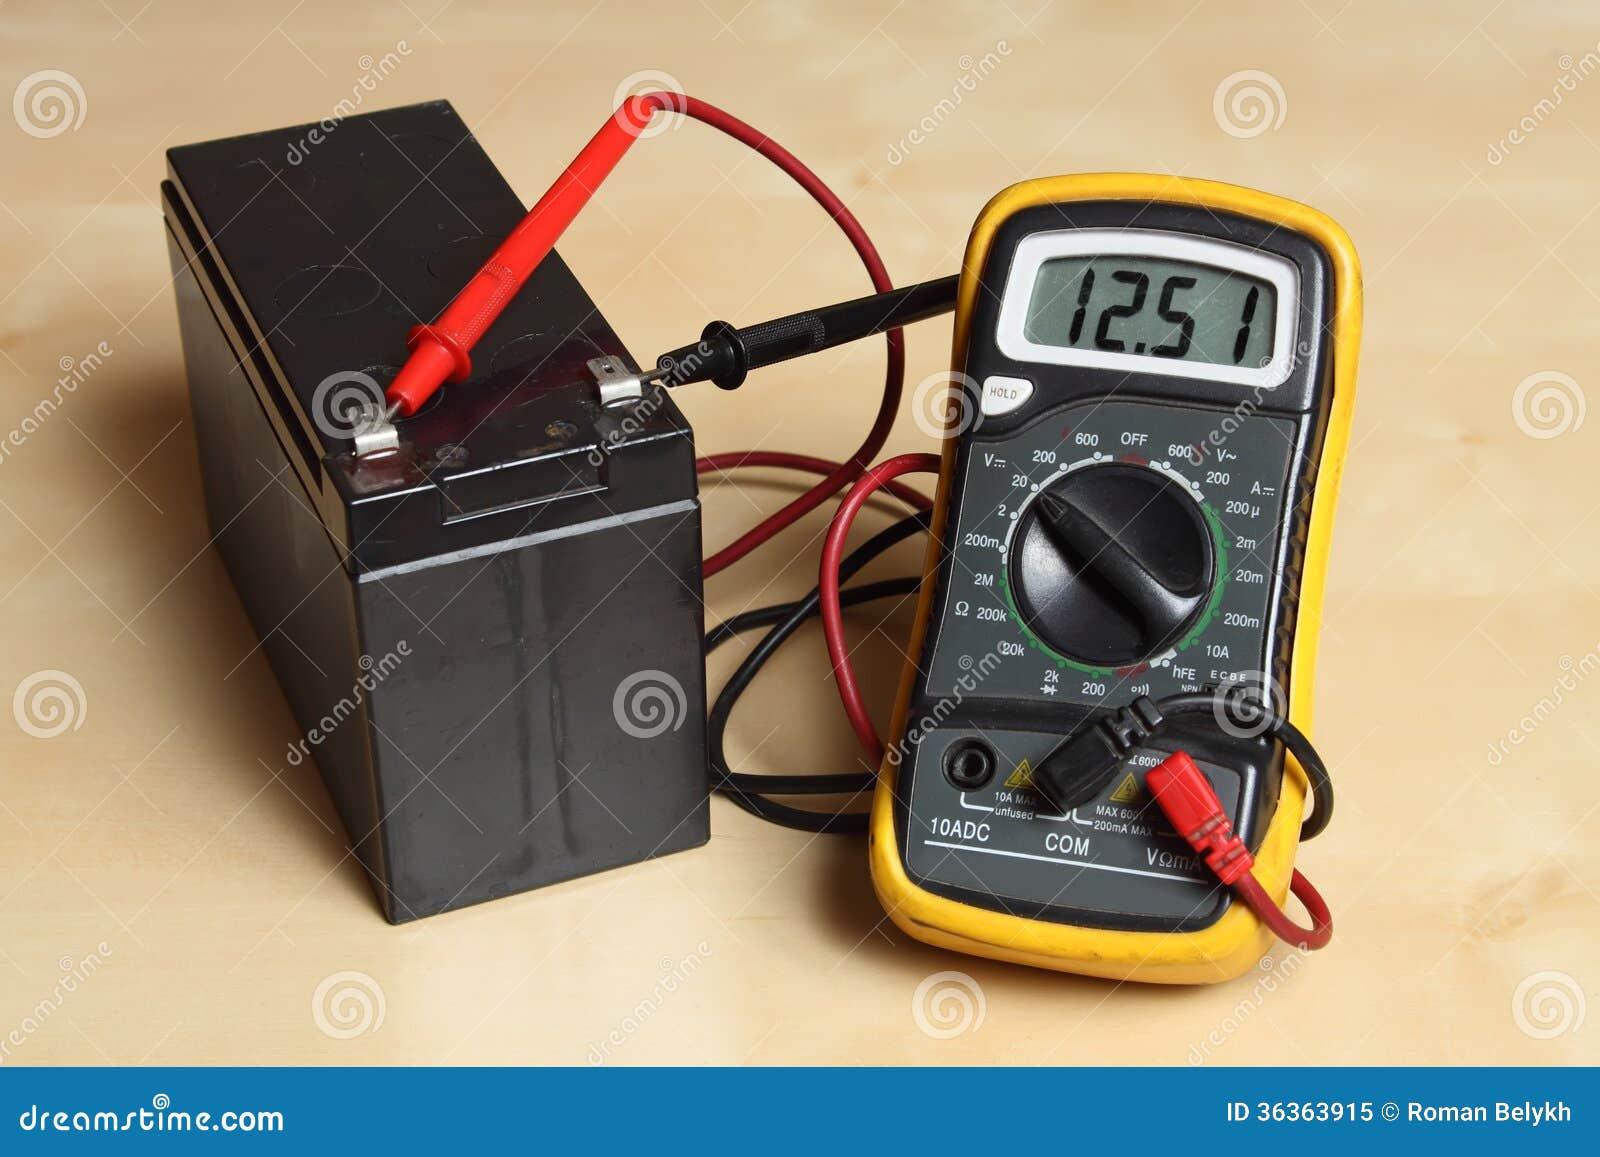 El Multímetro Dactiloscópico Y Su Hábito Sustancial Medir Voltaje Con Multimetro Digital